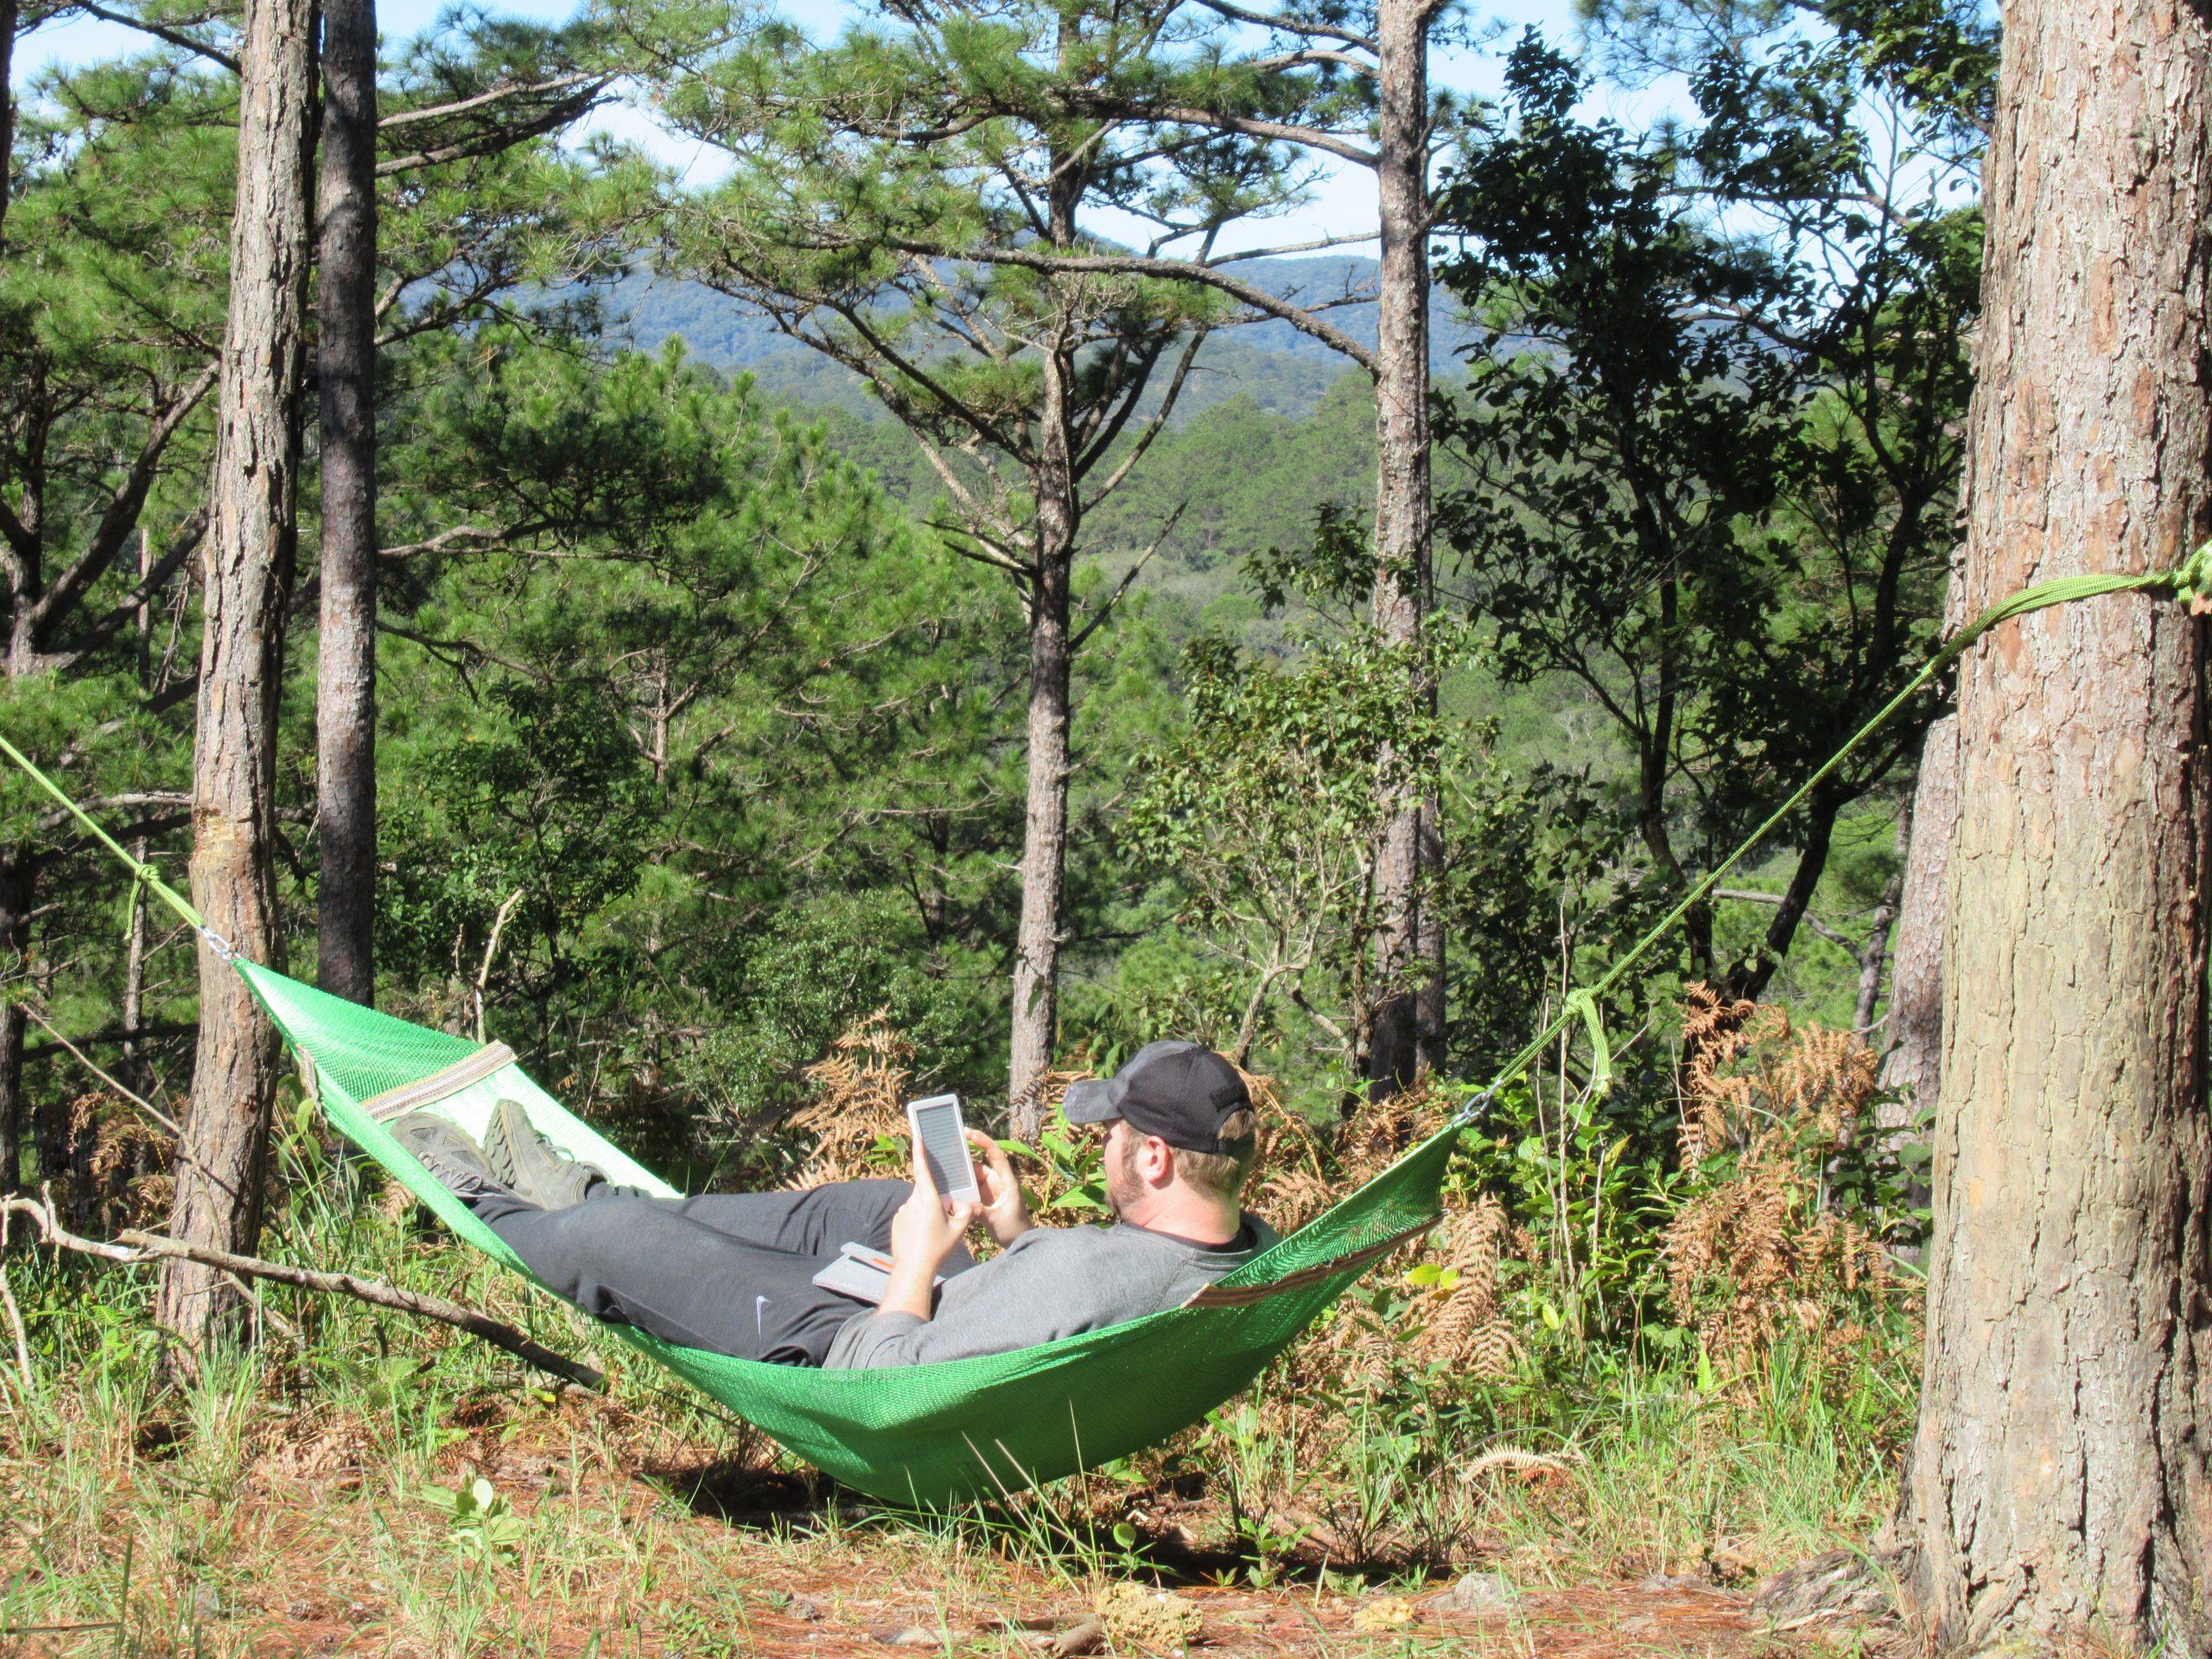 Reading in the hammock